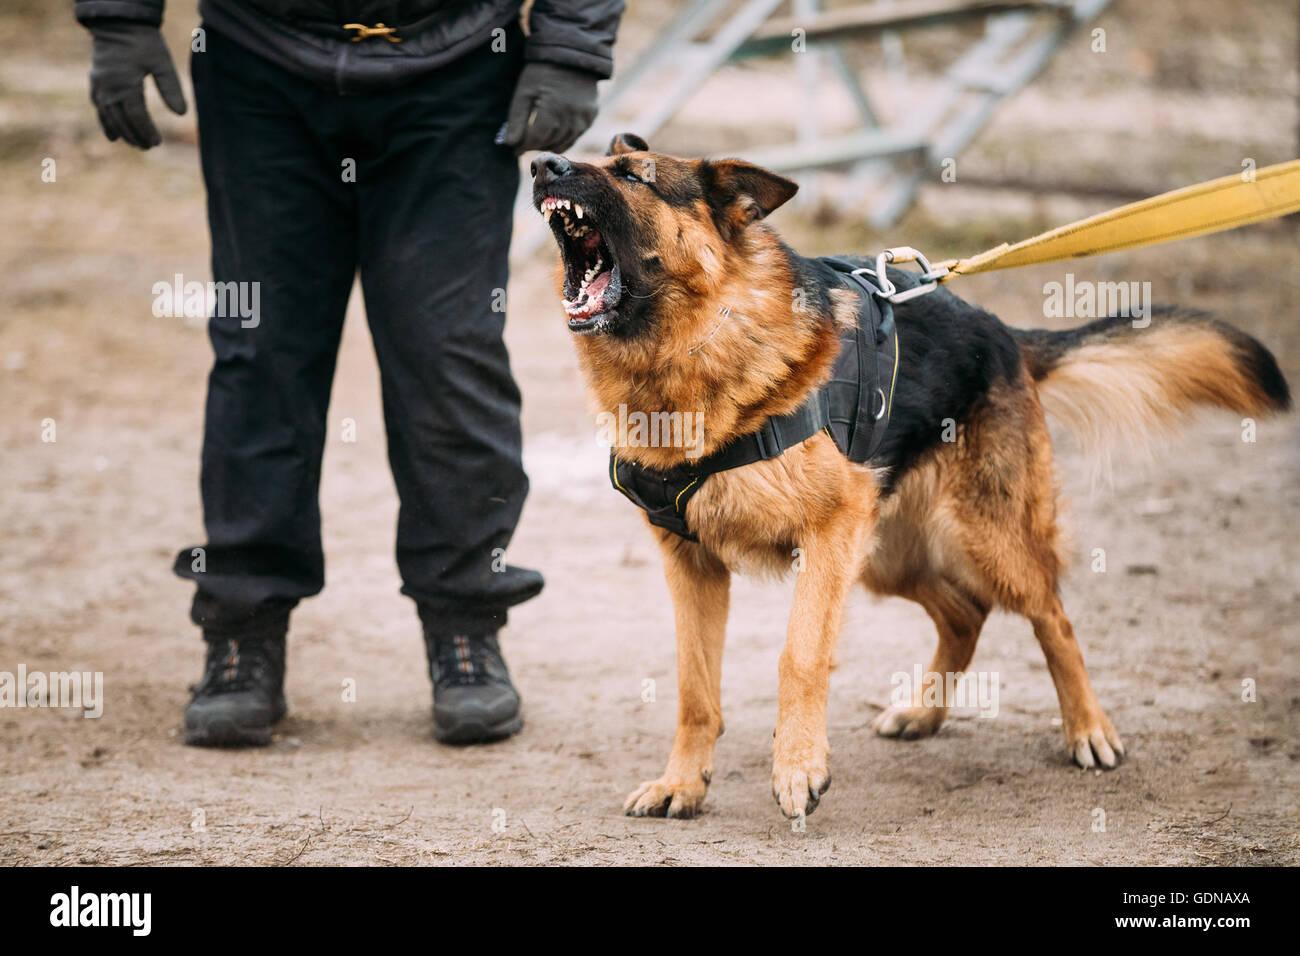 German Shepherd Dog Training Video Free Download